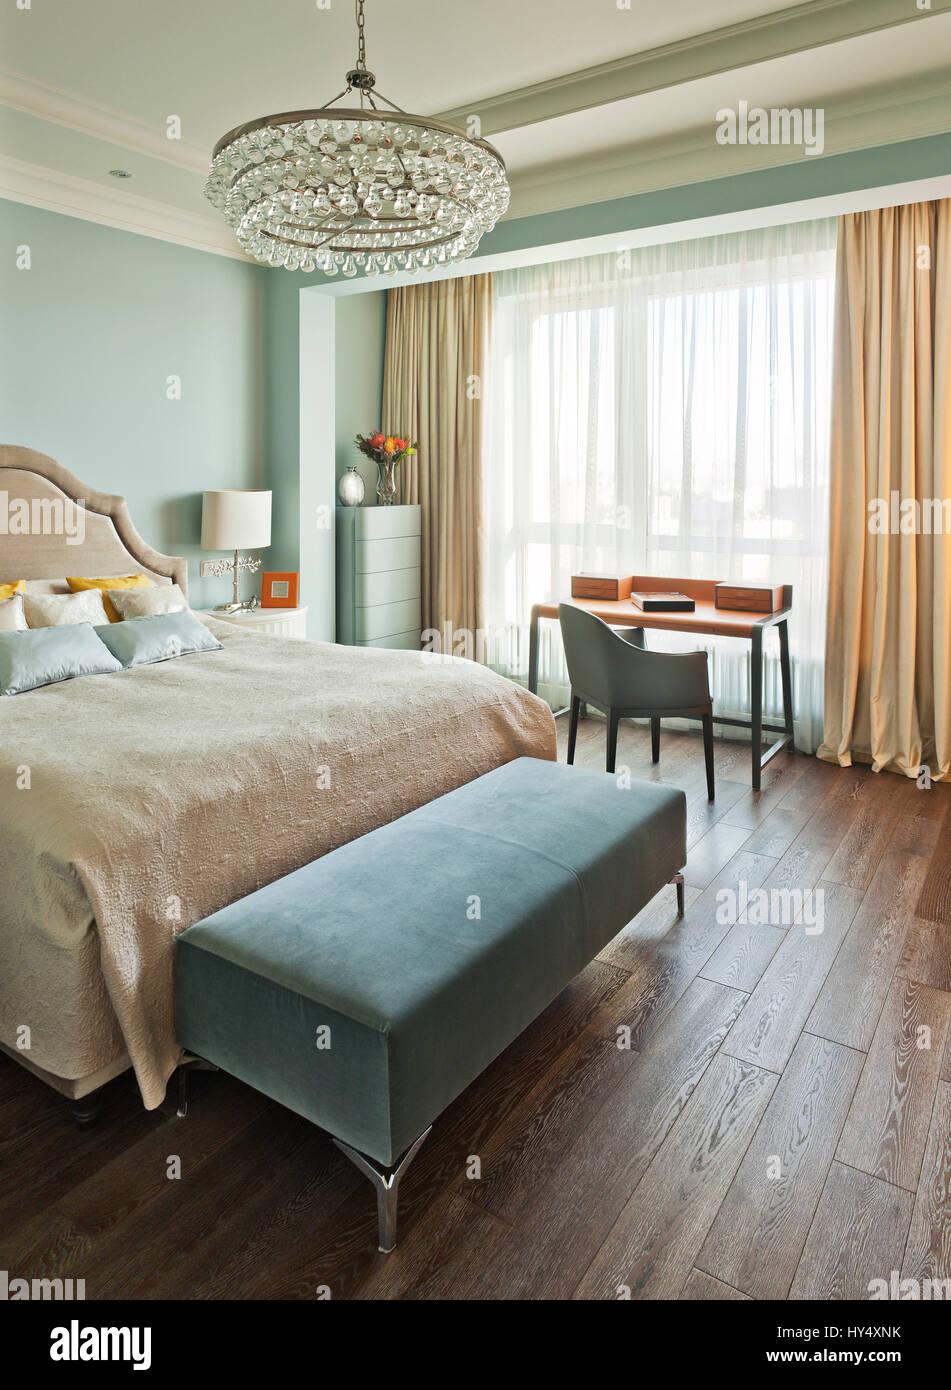 Luxus Wohnung Im Klassischen Stil In Moskau; Innenarchitektur, Klassiker,  Pastell, Schlafzimmer, Zimmer, Einrichtung, Design, Exklusiv, Lebensstil,  Reichen, ...